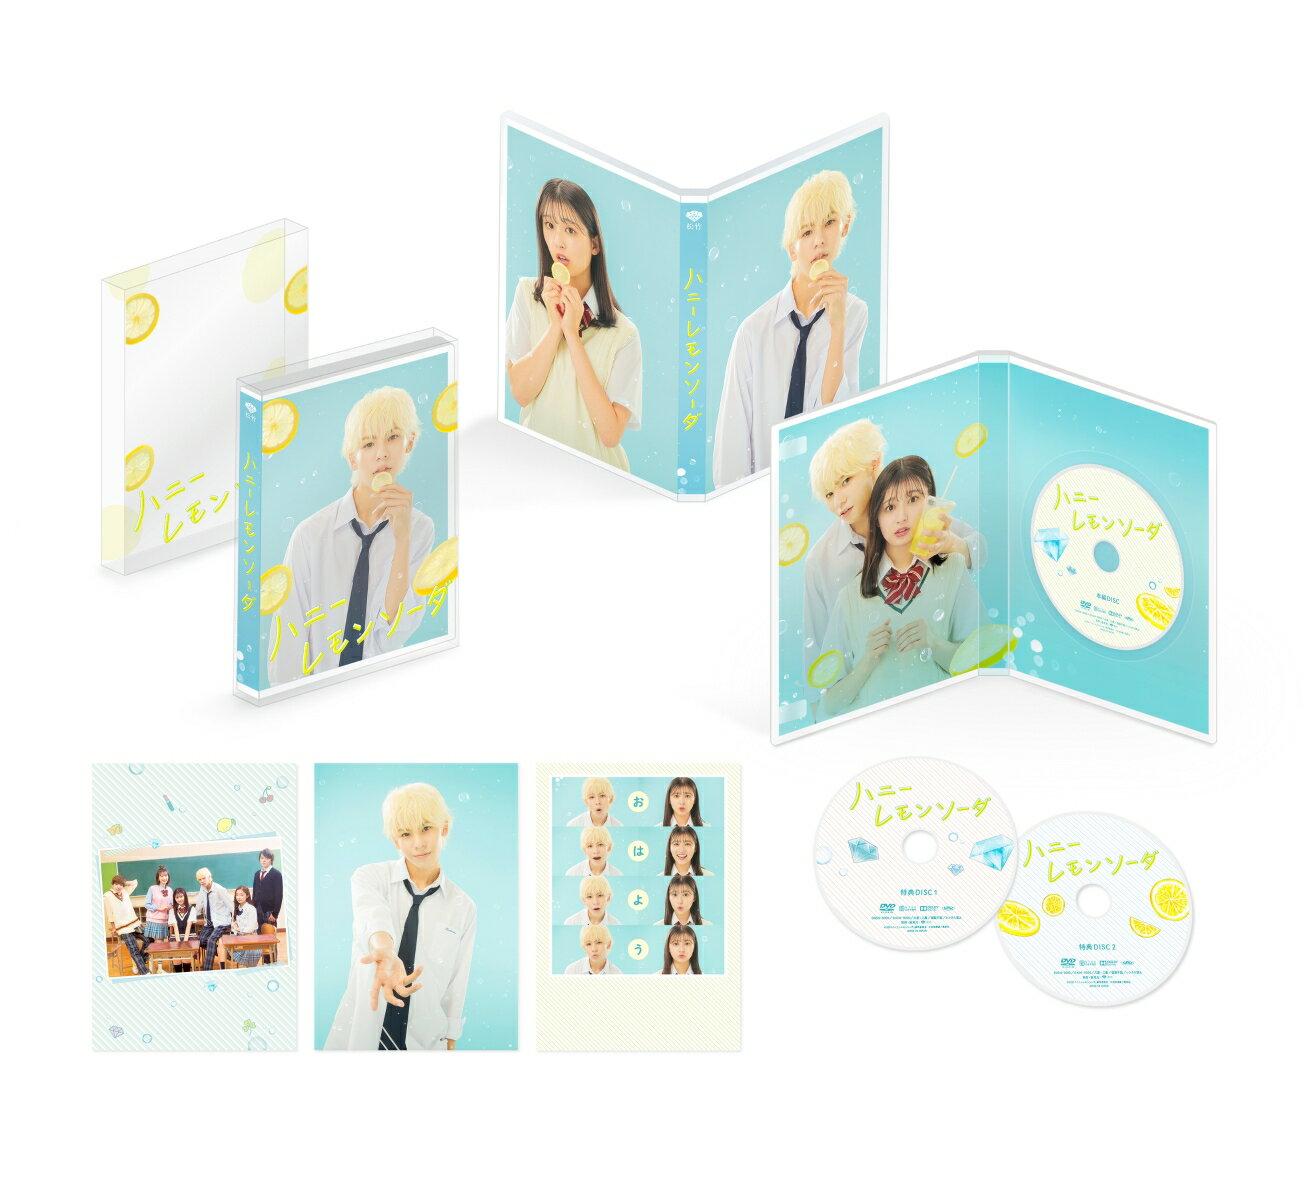 ハニーレモンソーダ 豪華版 (数量限定生産) [本編DVD+特典DVD2枚]